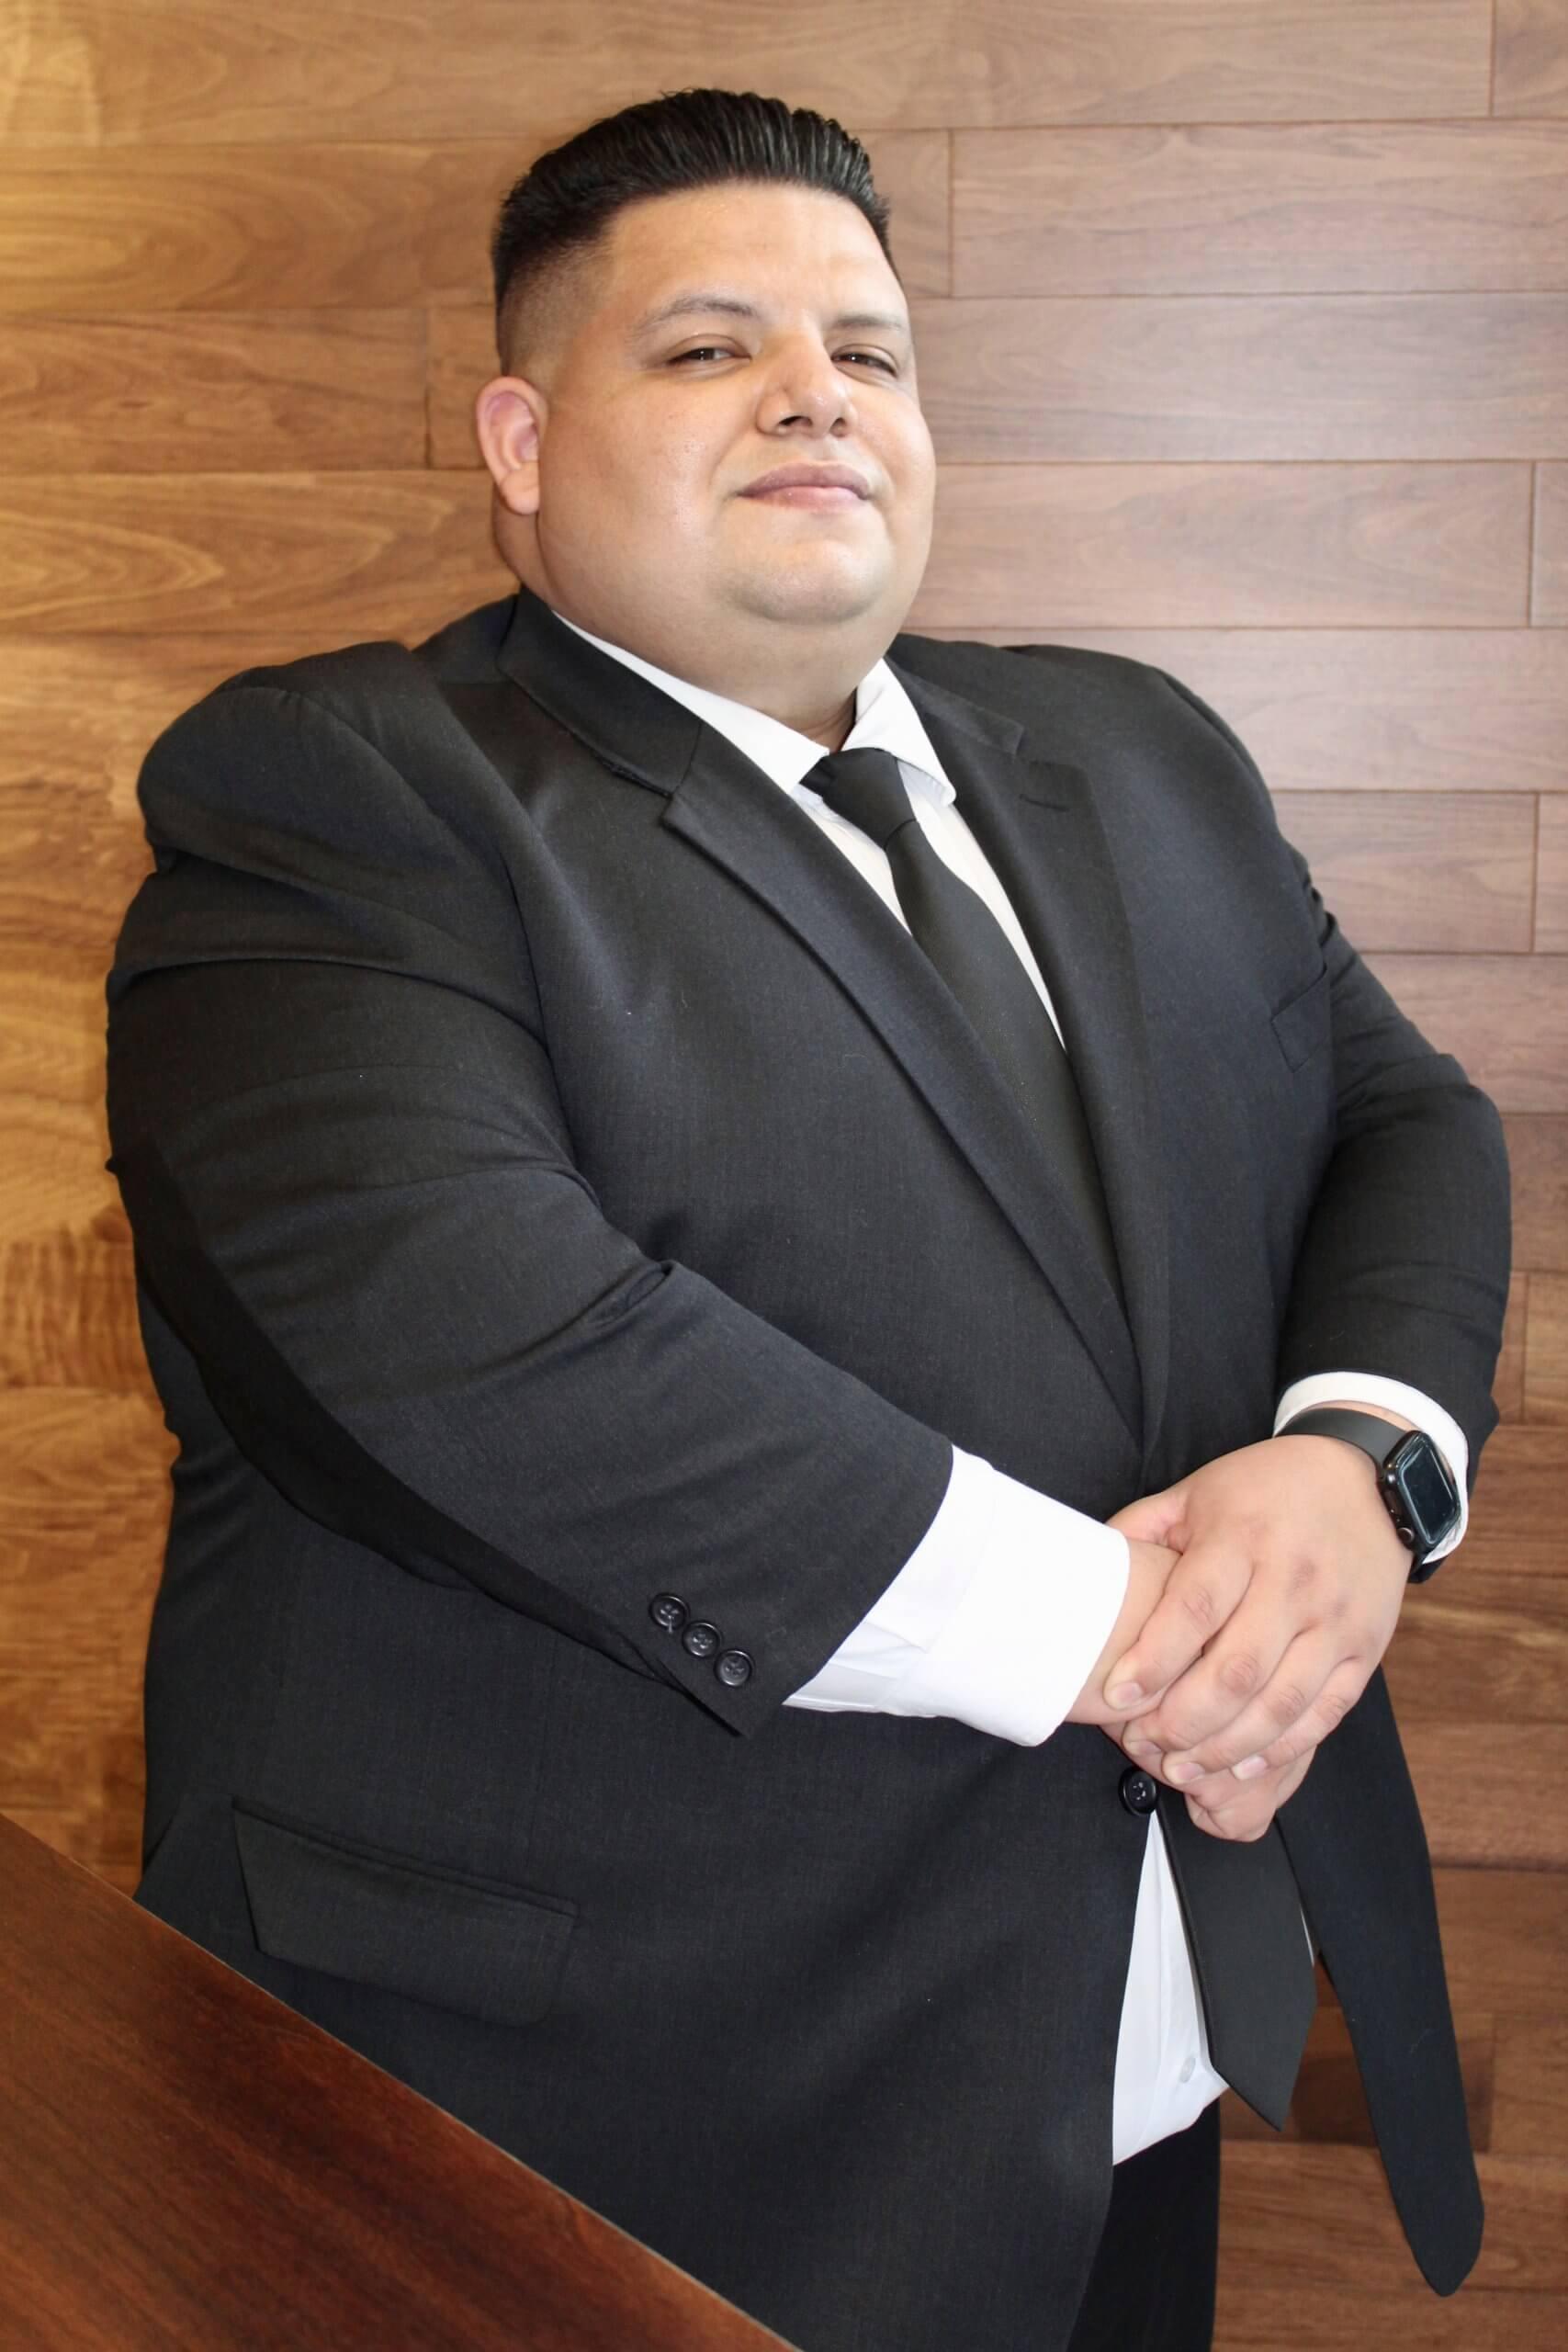 Fidel Palacios